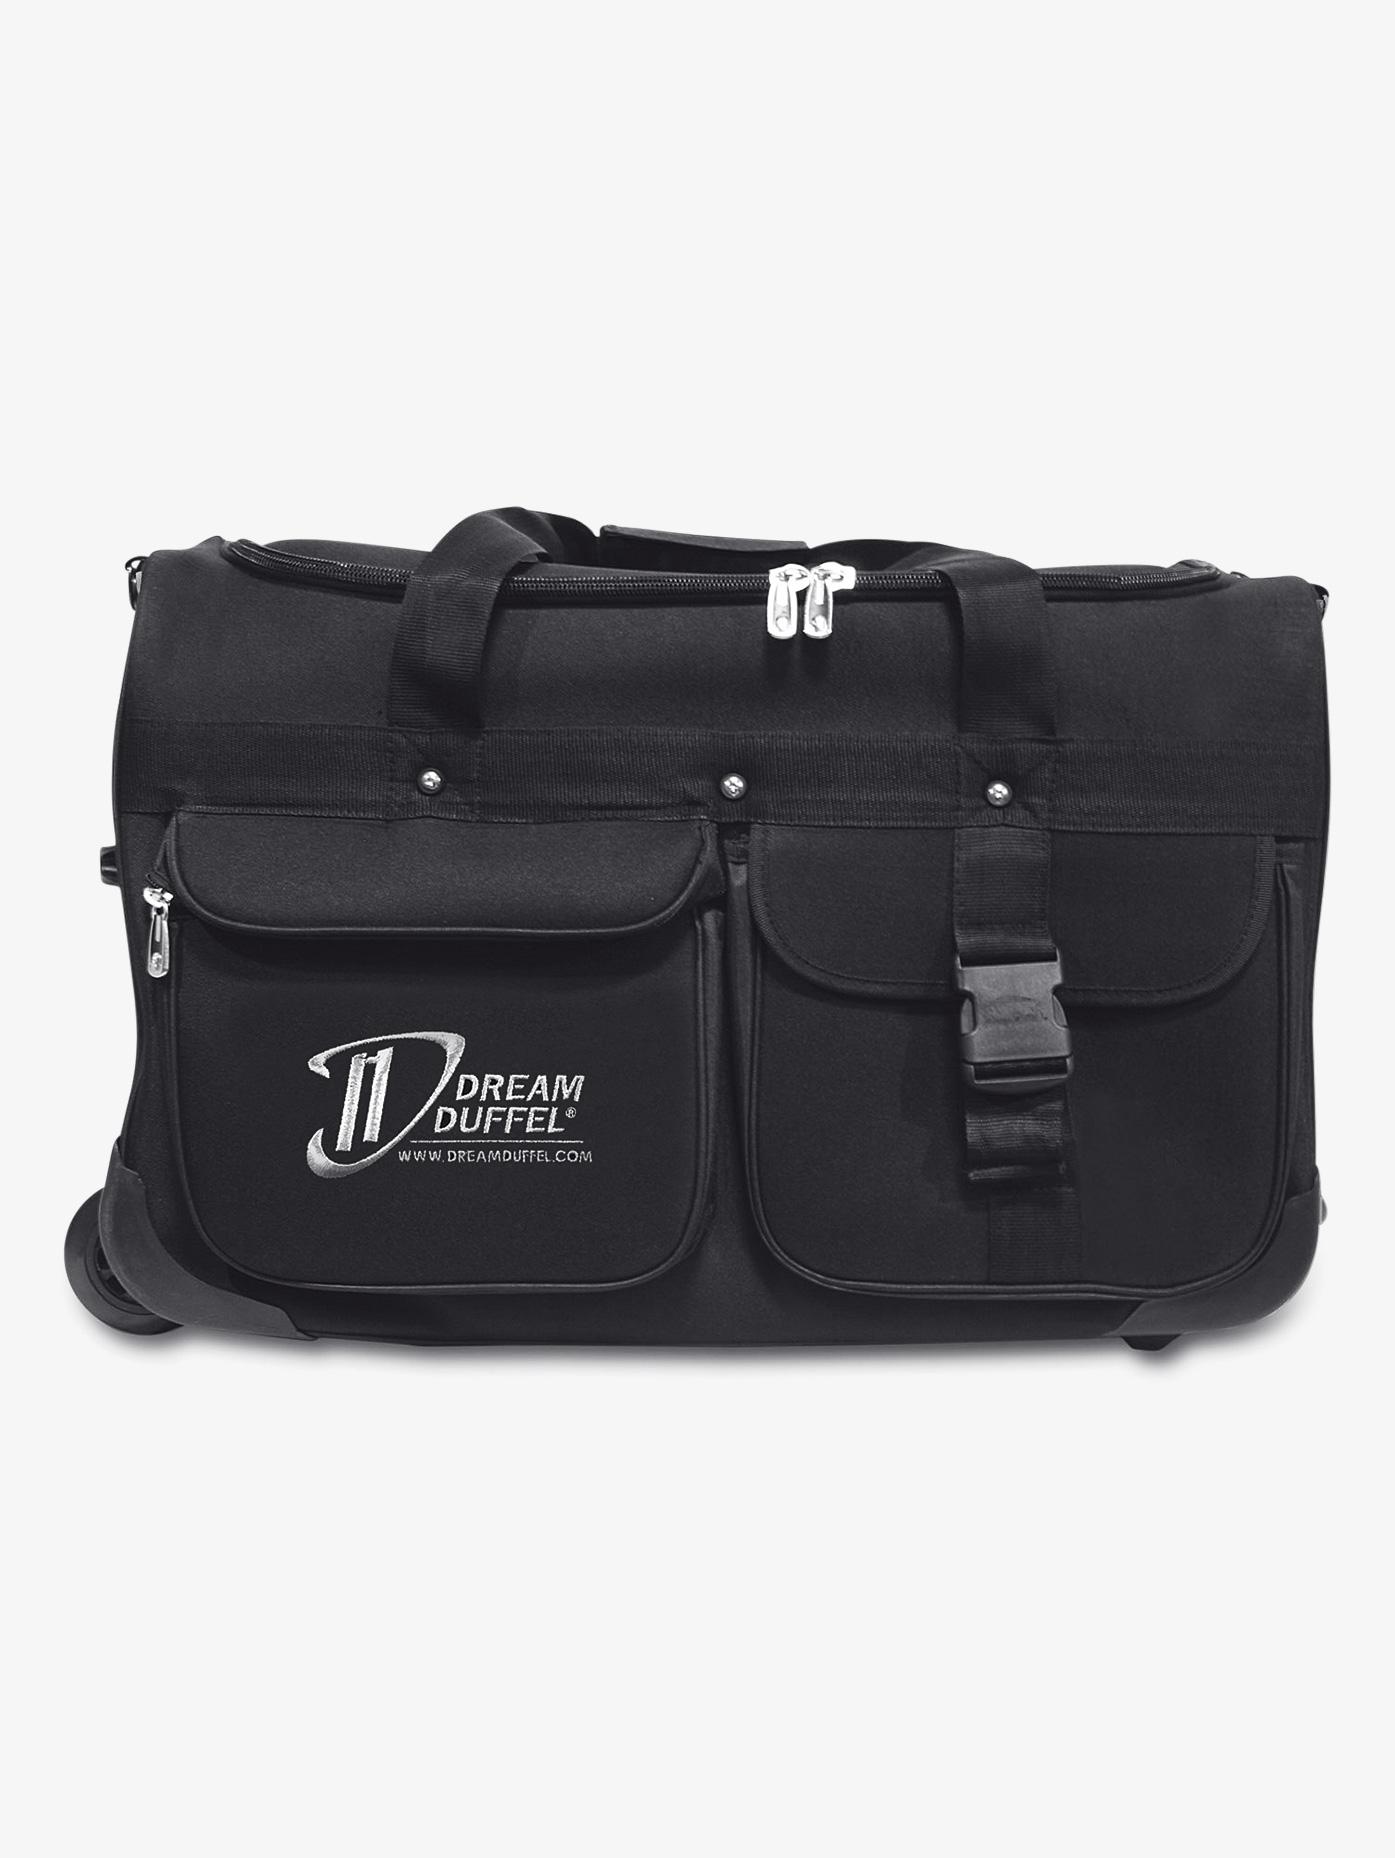 Dream Duffel Medium Black Bag D1100